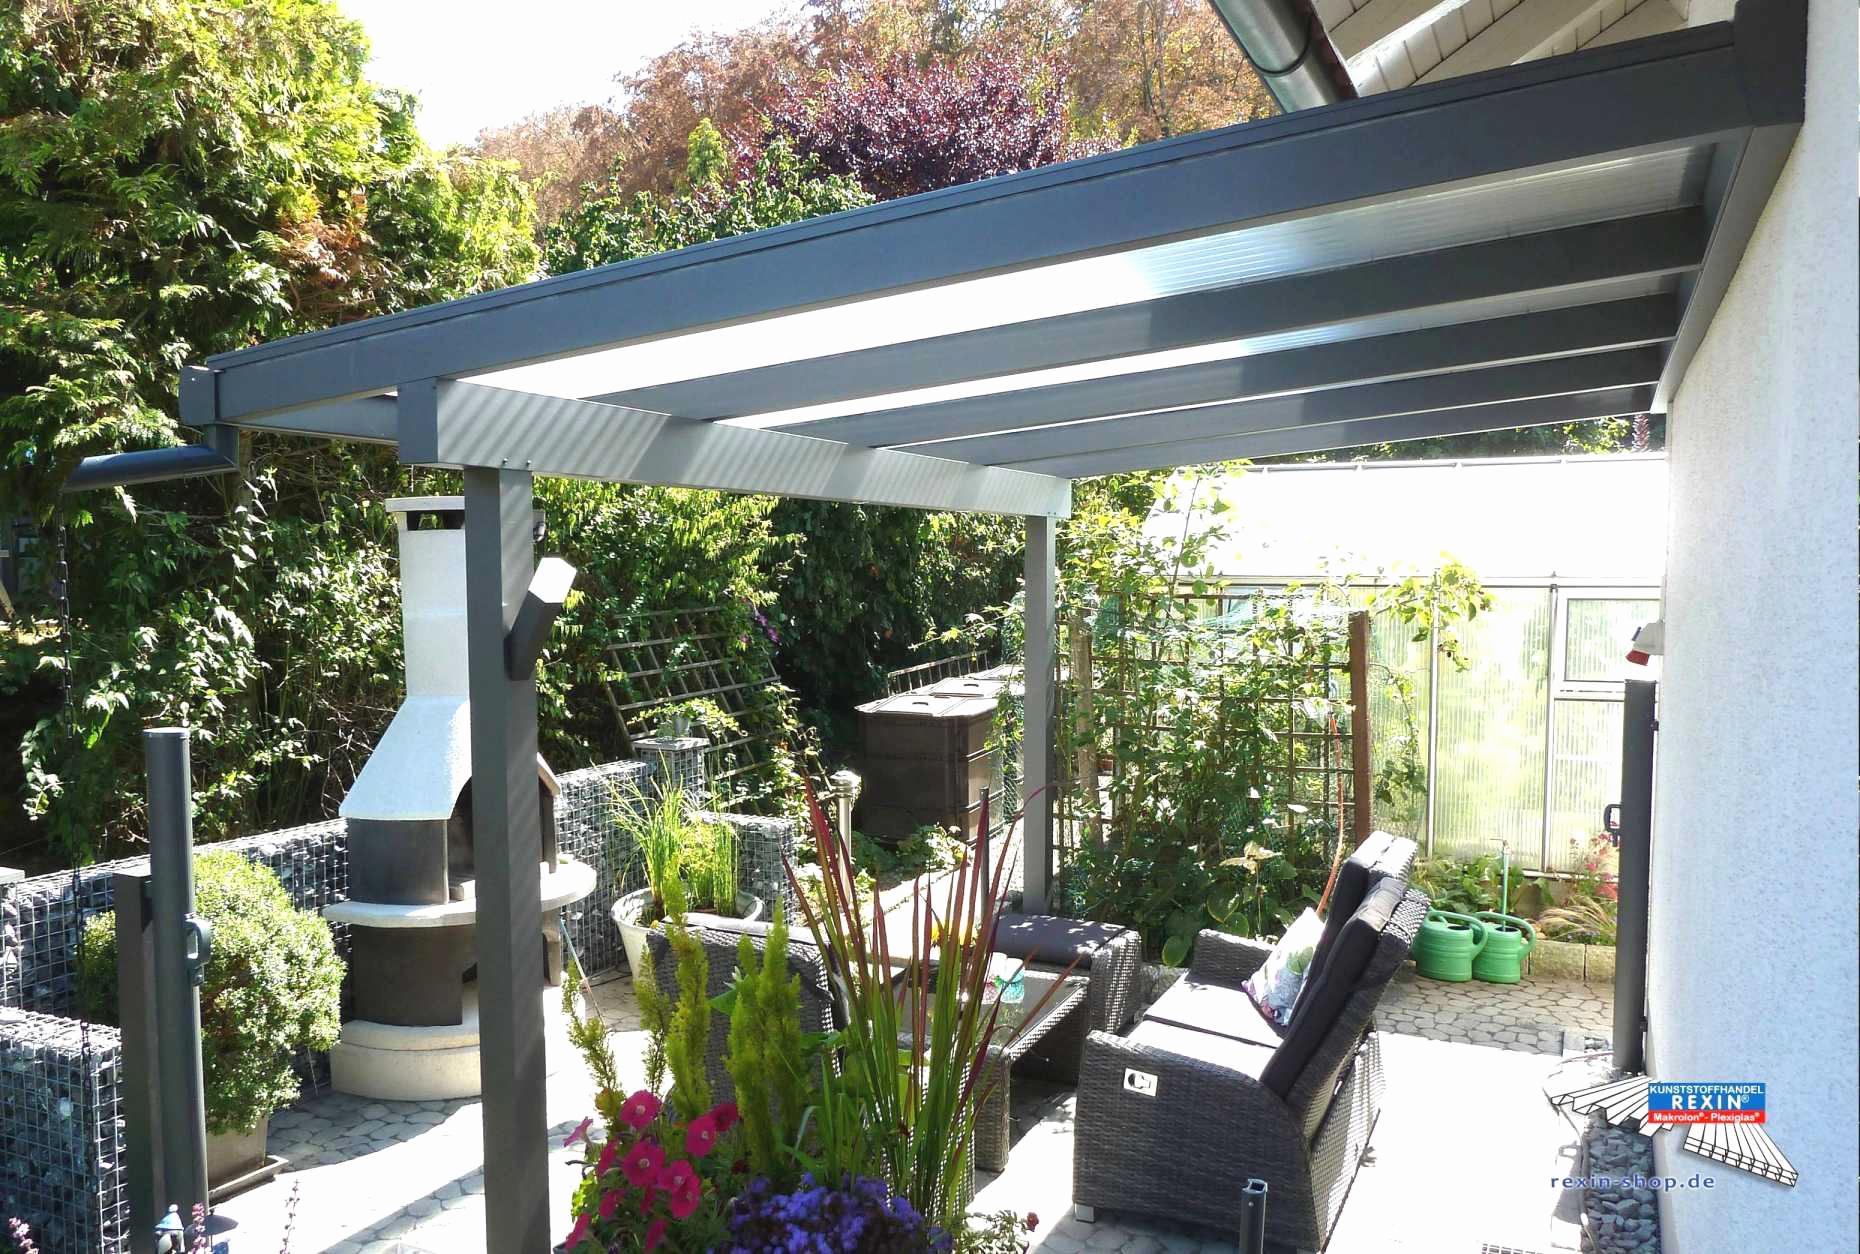 Metall Deko Für Garten Best Of Garten Mit Alten Sachen Dekorieren